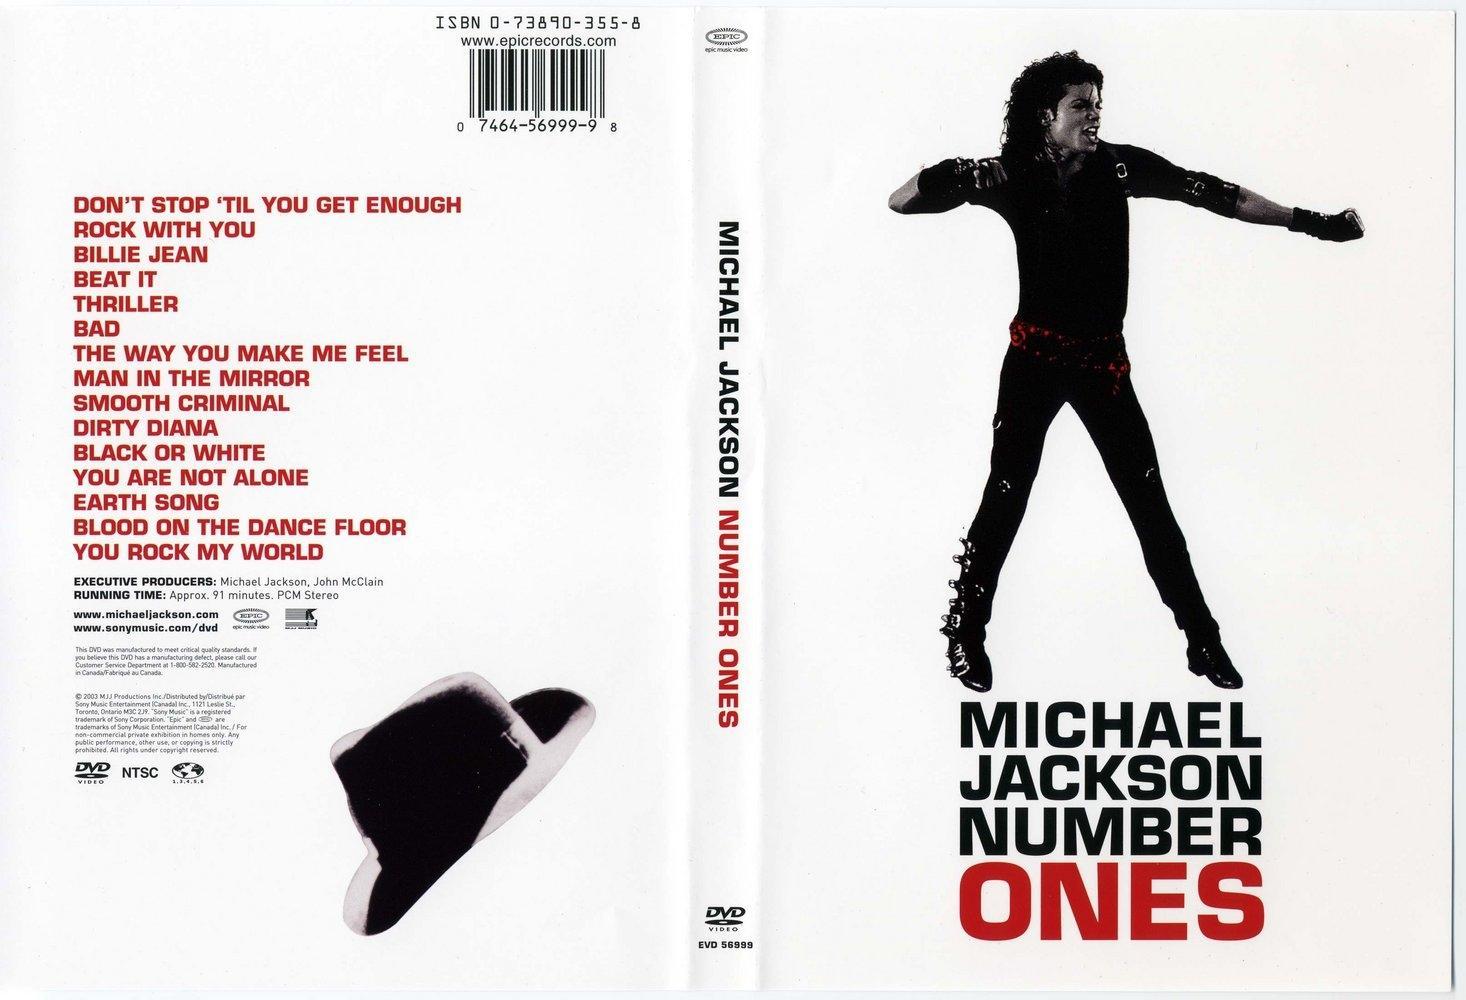 http://4.bp.blogspot.com/-euk11EwJBkQ/T7hDAQxa34I/AAAAAAAAAHE/XHInDJ8hglA/s1600/Cover+DVD.jpg